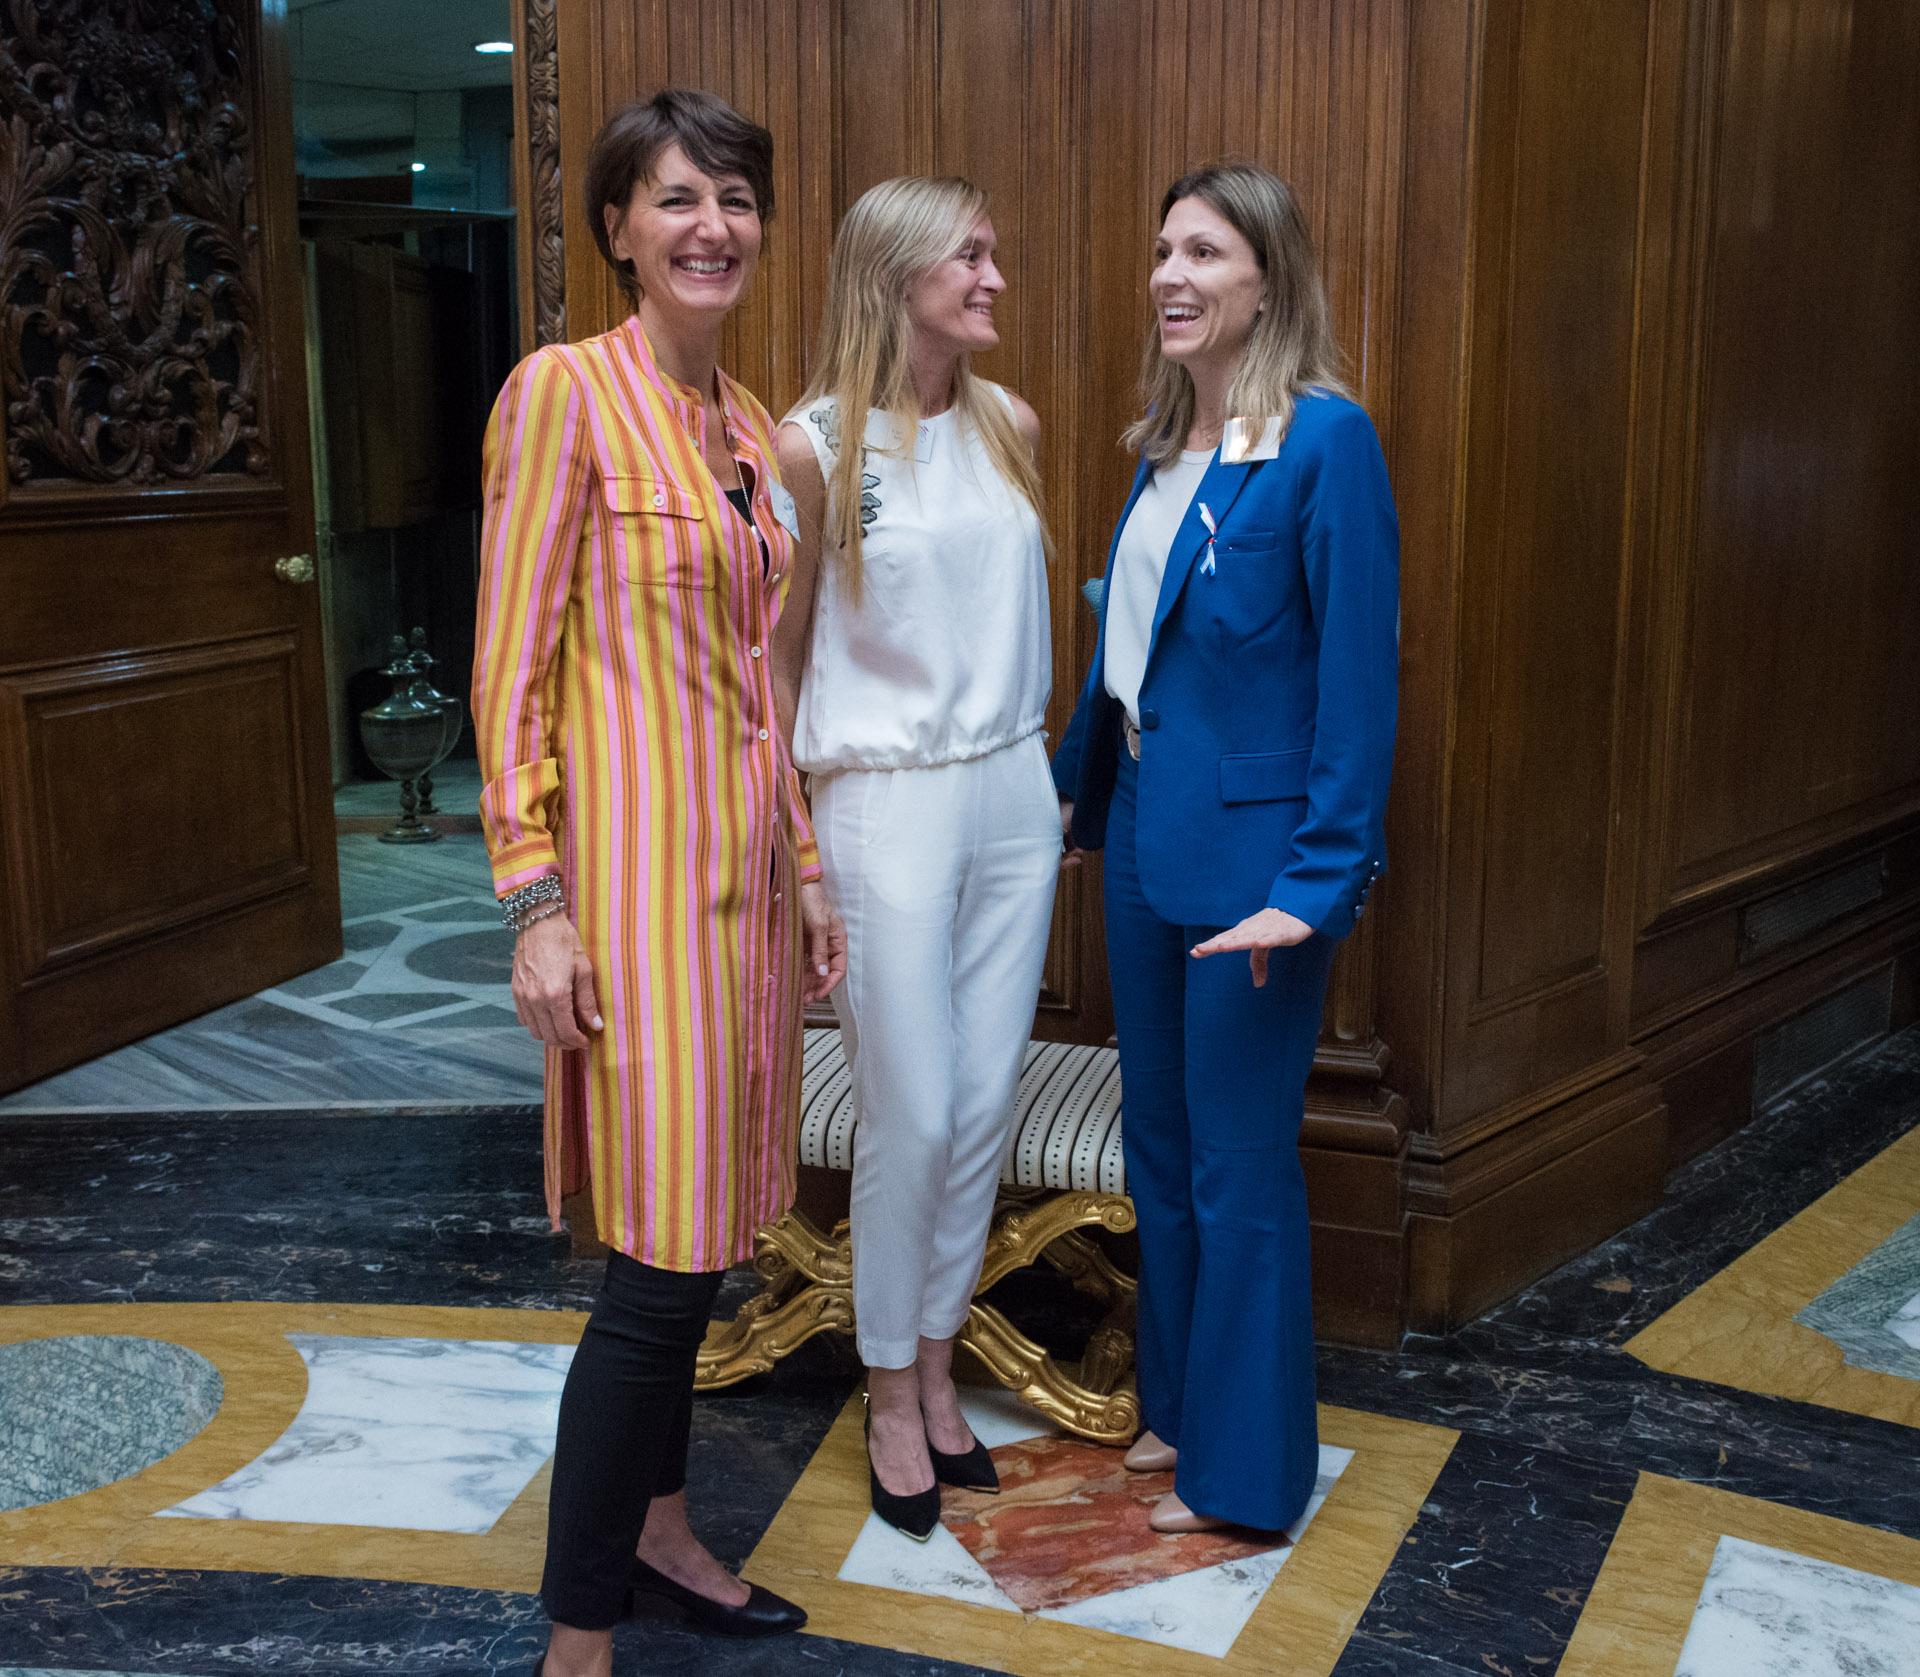 La vicepresidente de Marianne, Laurance Mengin de Loyer junto a María Eugenia Botta socia fundadora de Marianne y presidente 2017-2018 e Isela Costantini, una de las jurado de la premiación